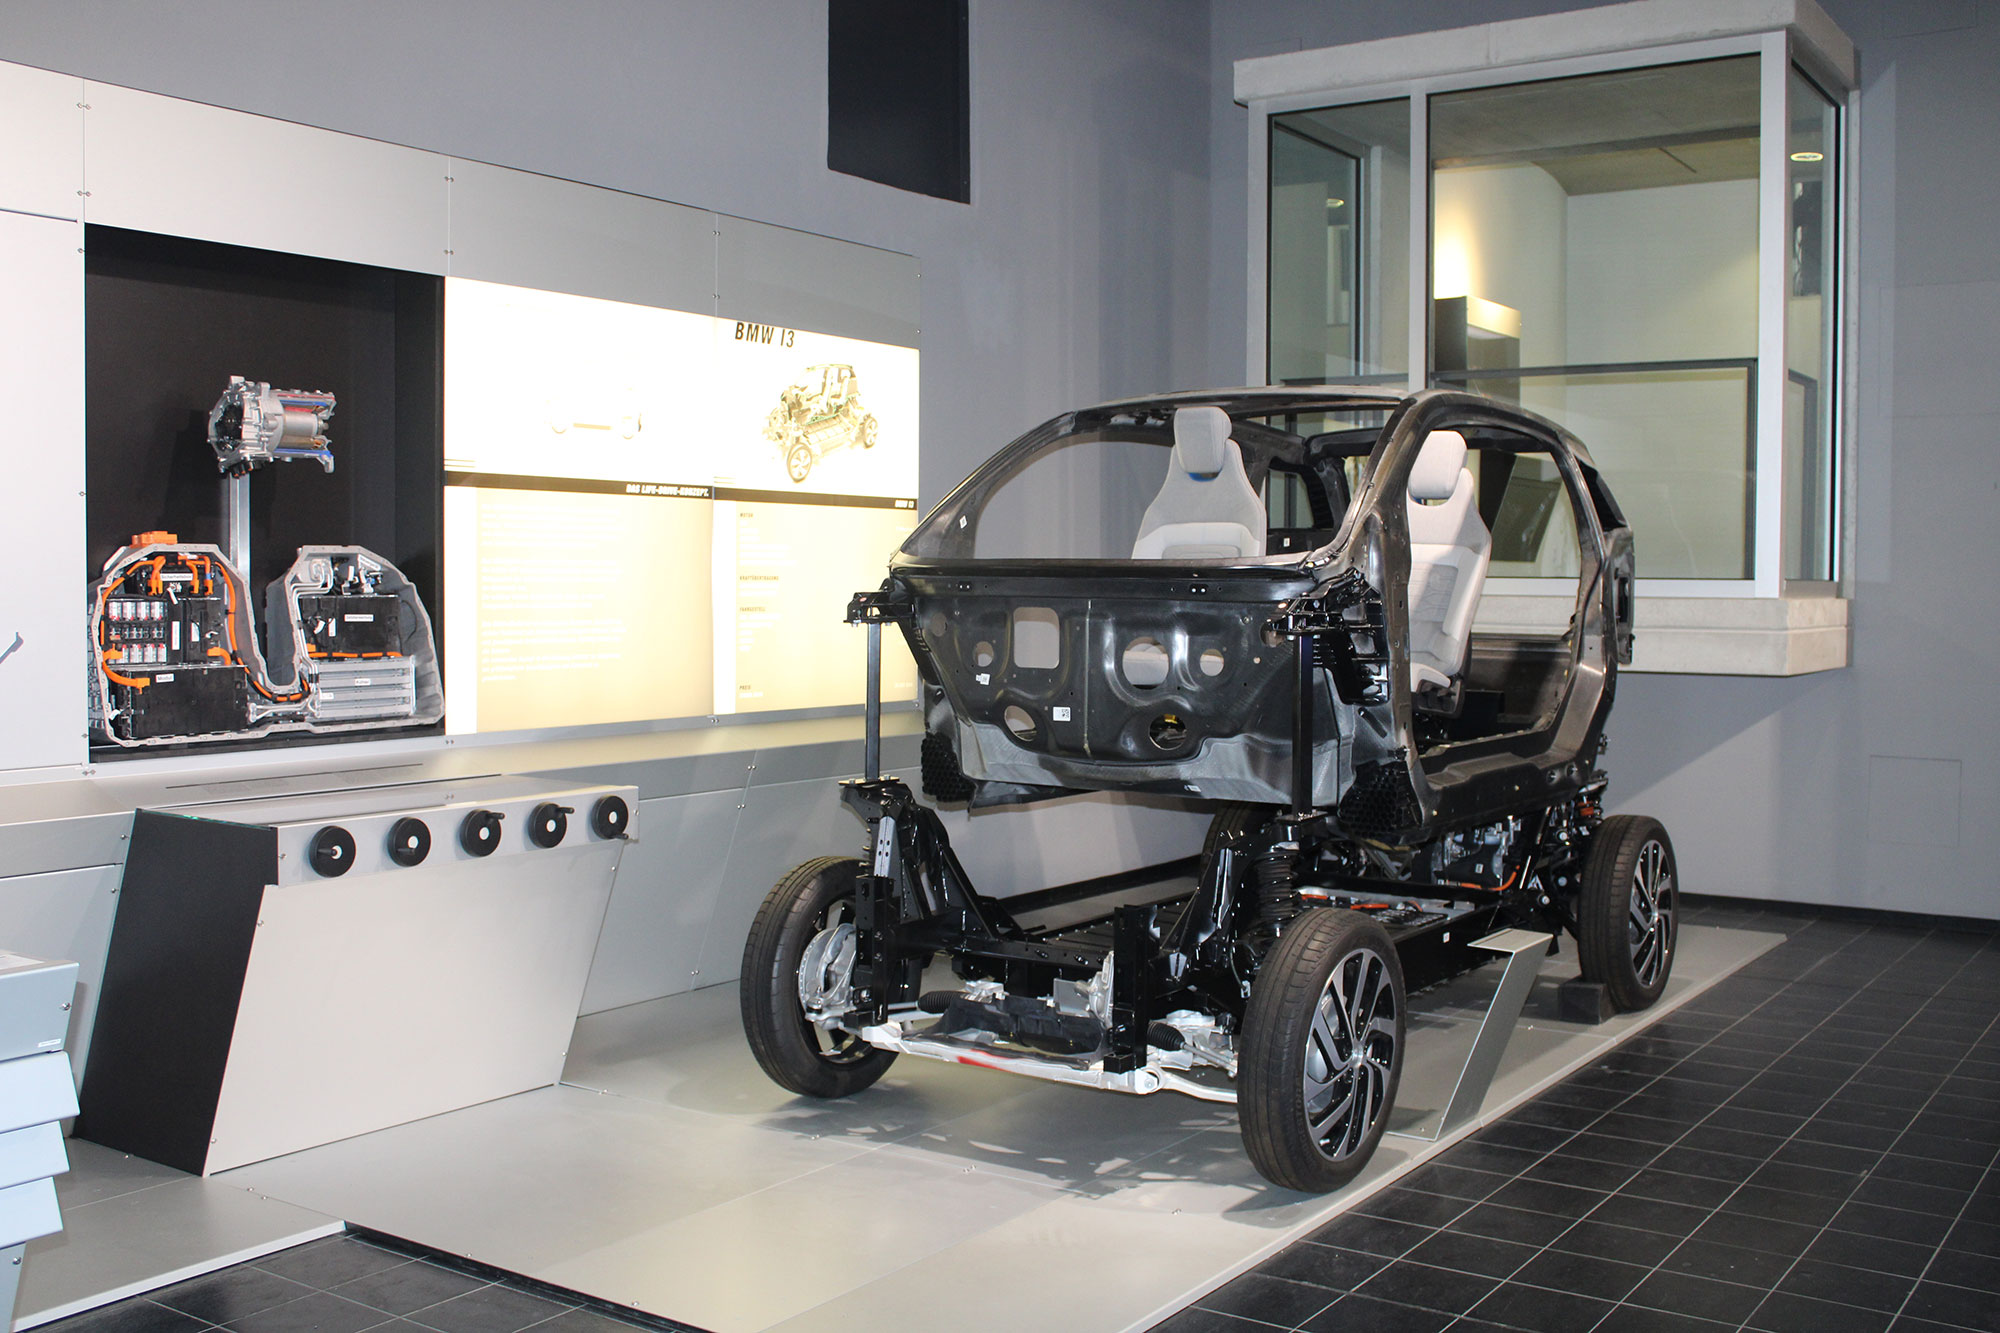 Exklusive Einblicke in den Aufbau des BMW i3